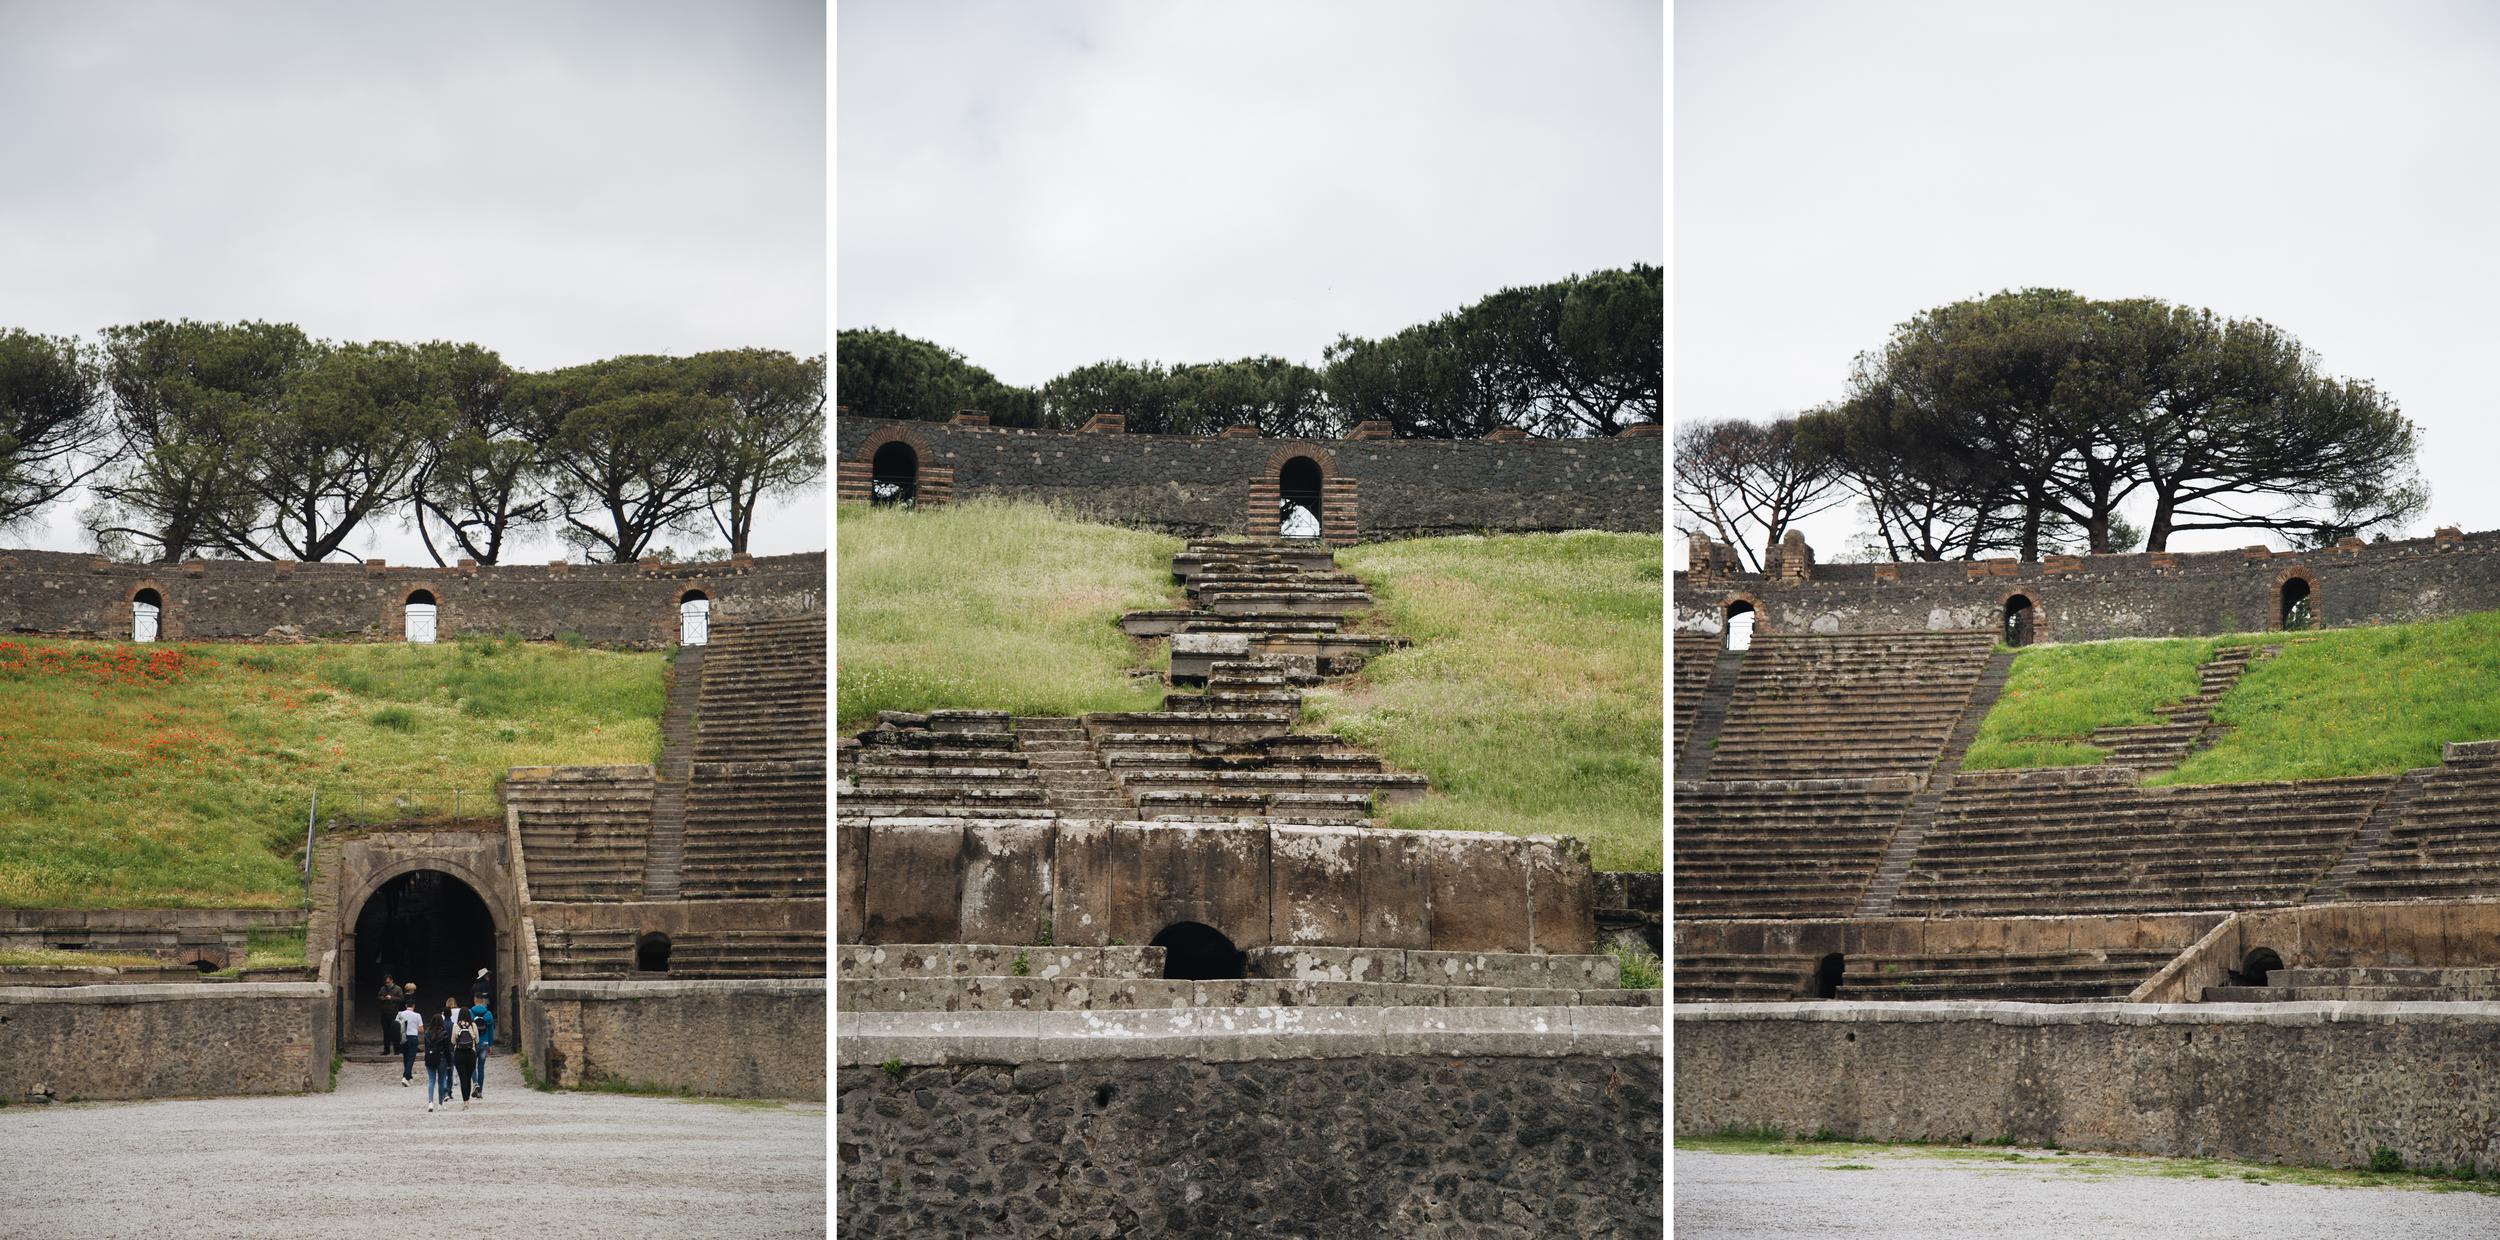 amphitheatre-pompei-visite-site-archeologique.png